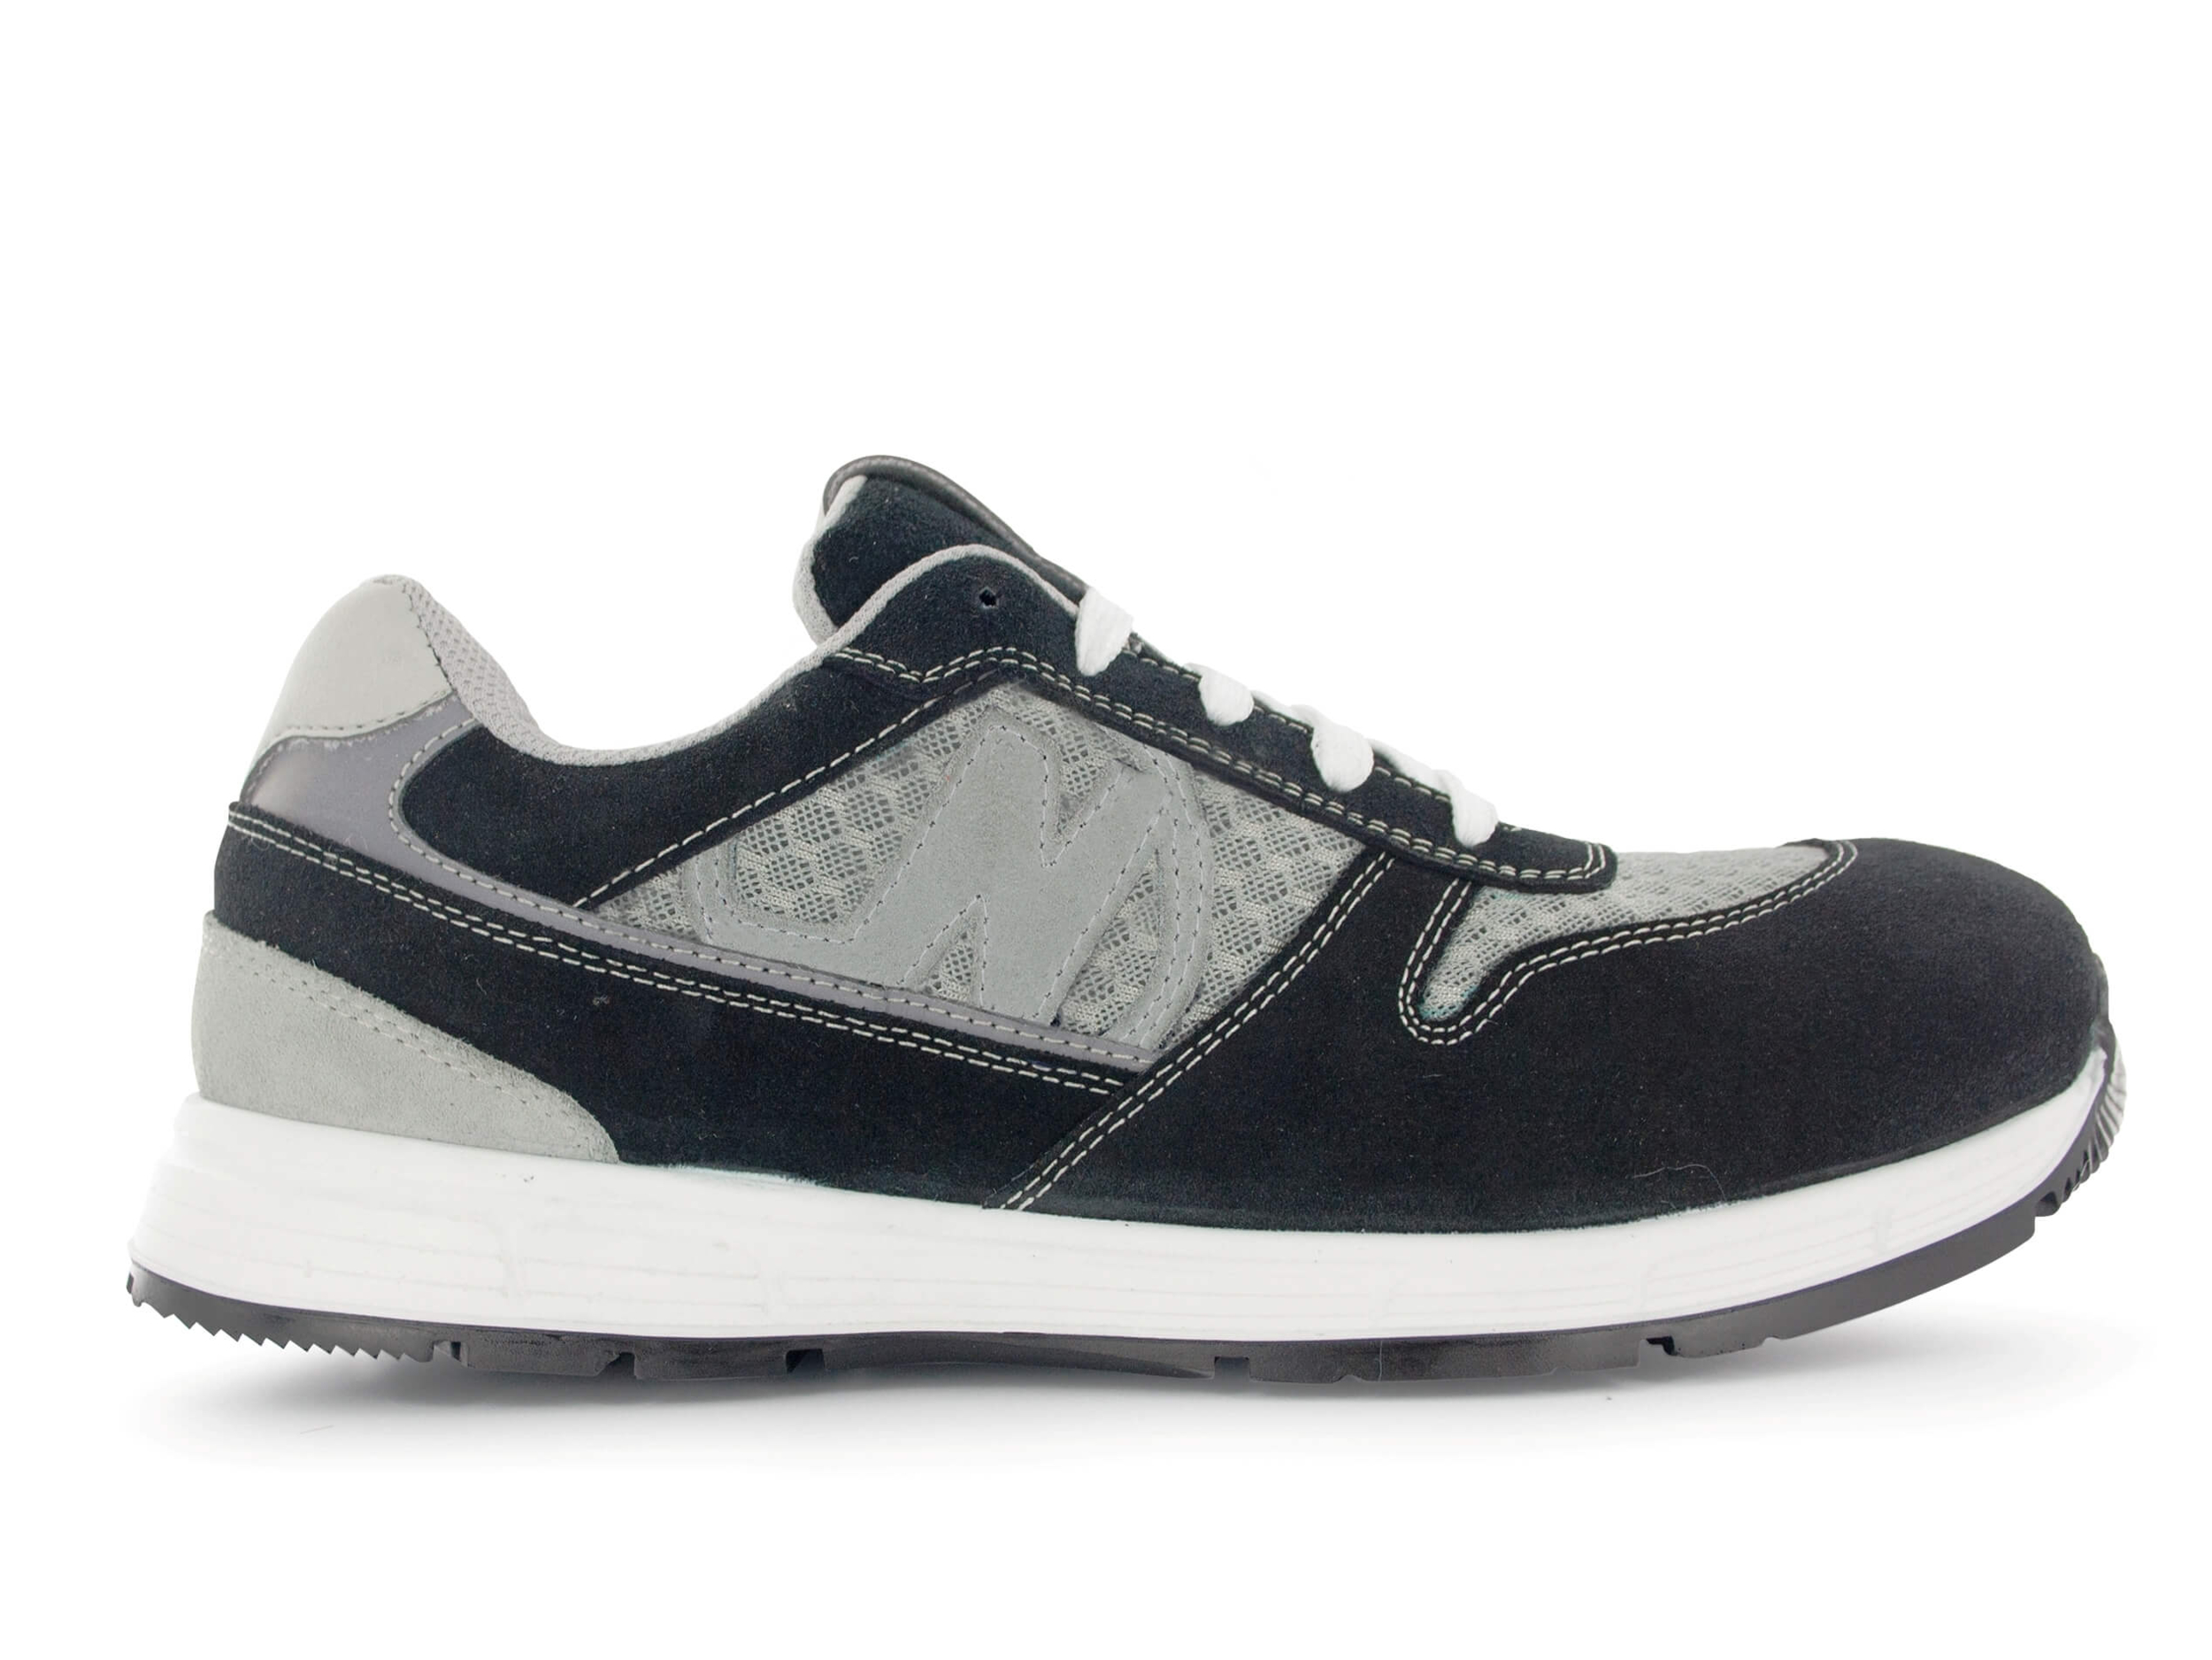 Chaussure de sécurité femme - bottes de sécurité femme ee877b081a42